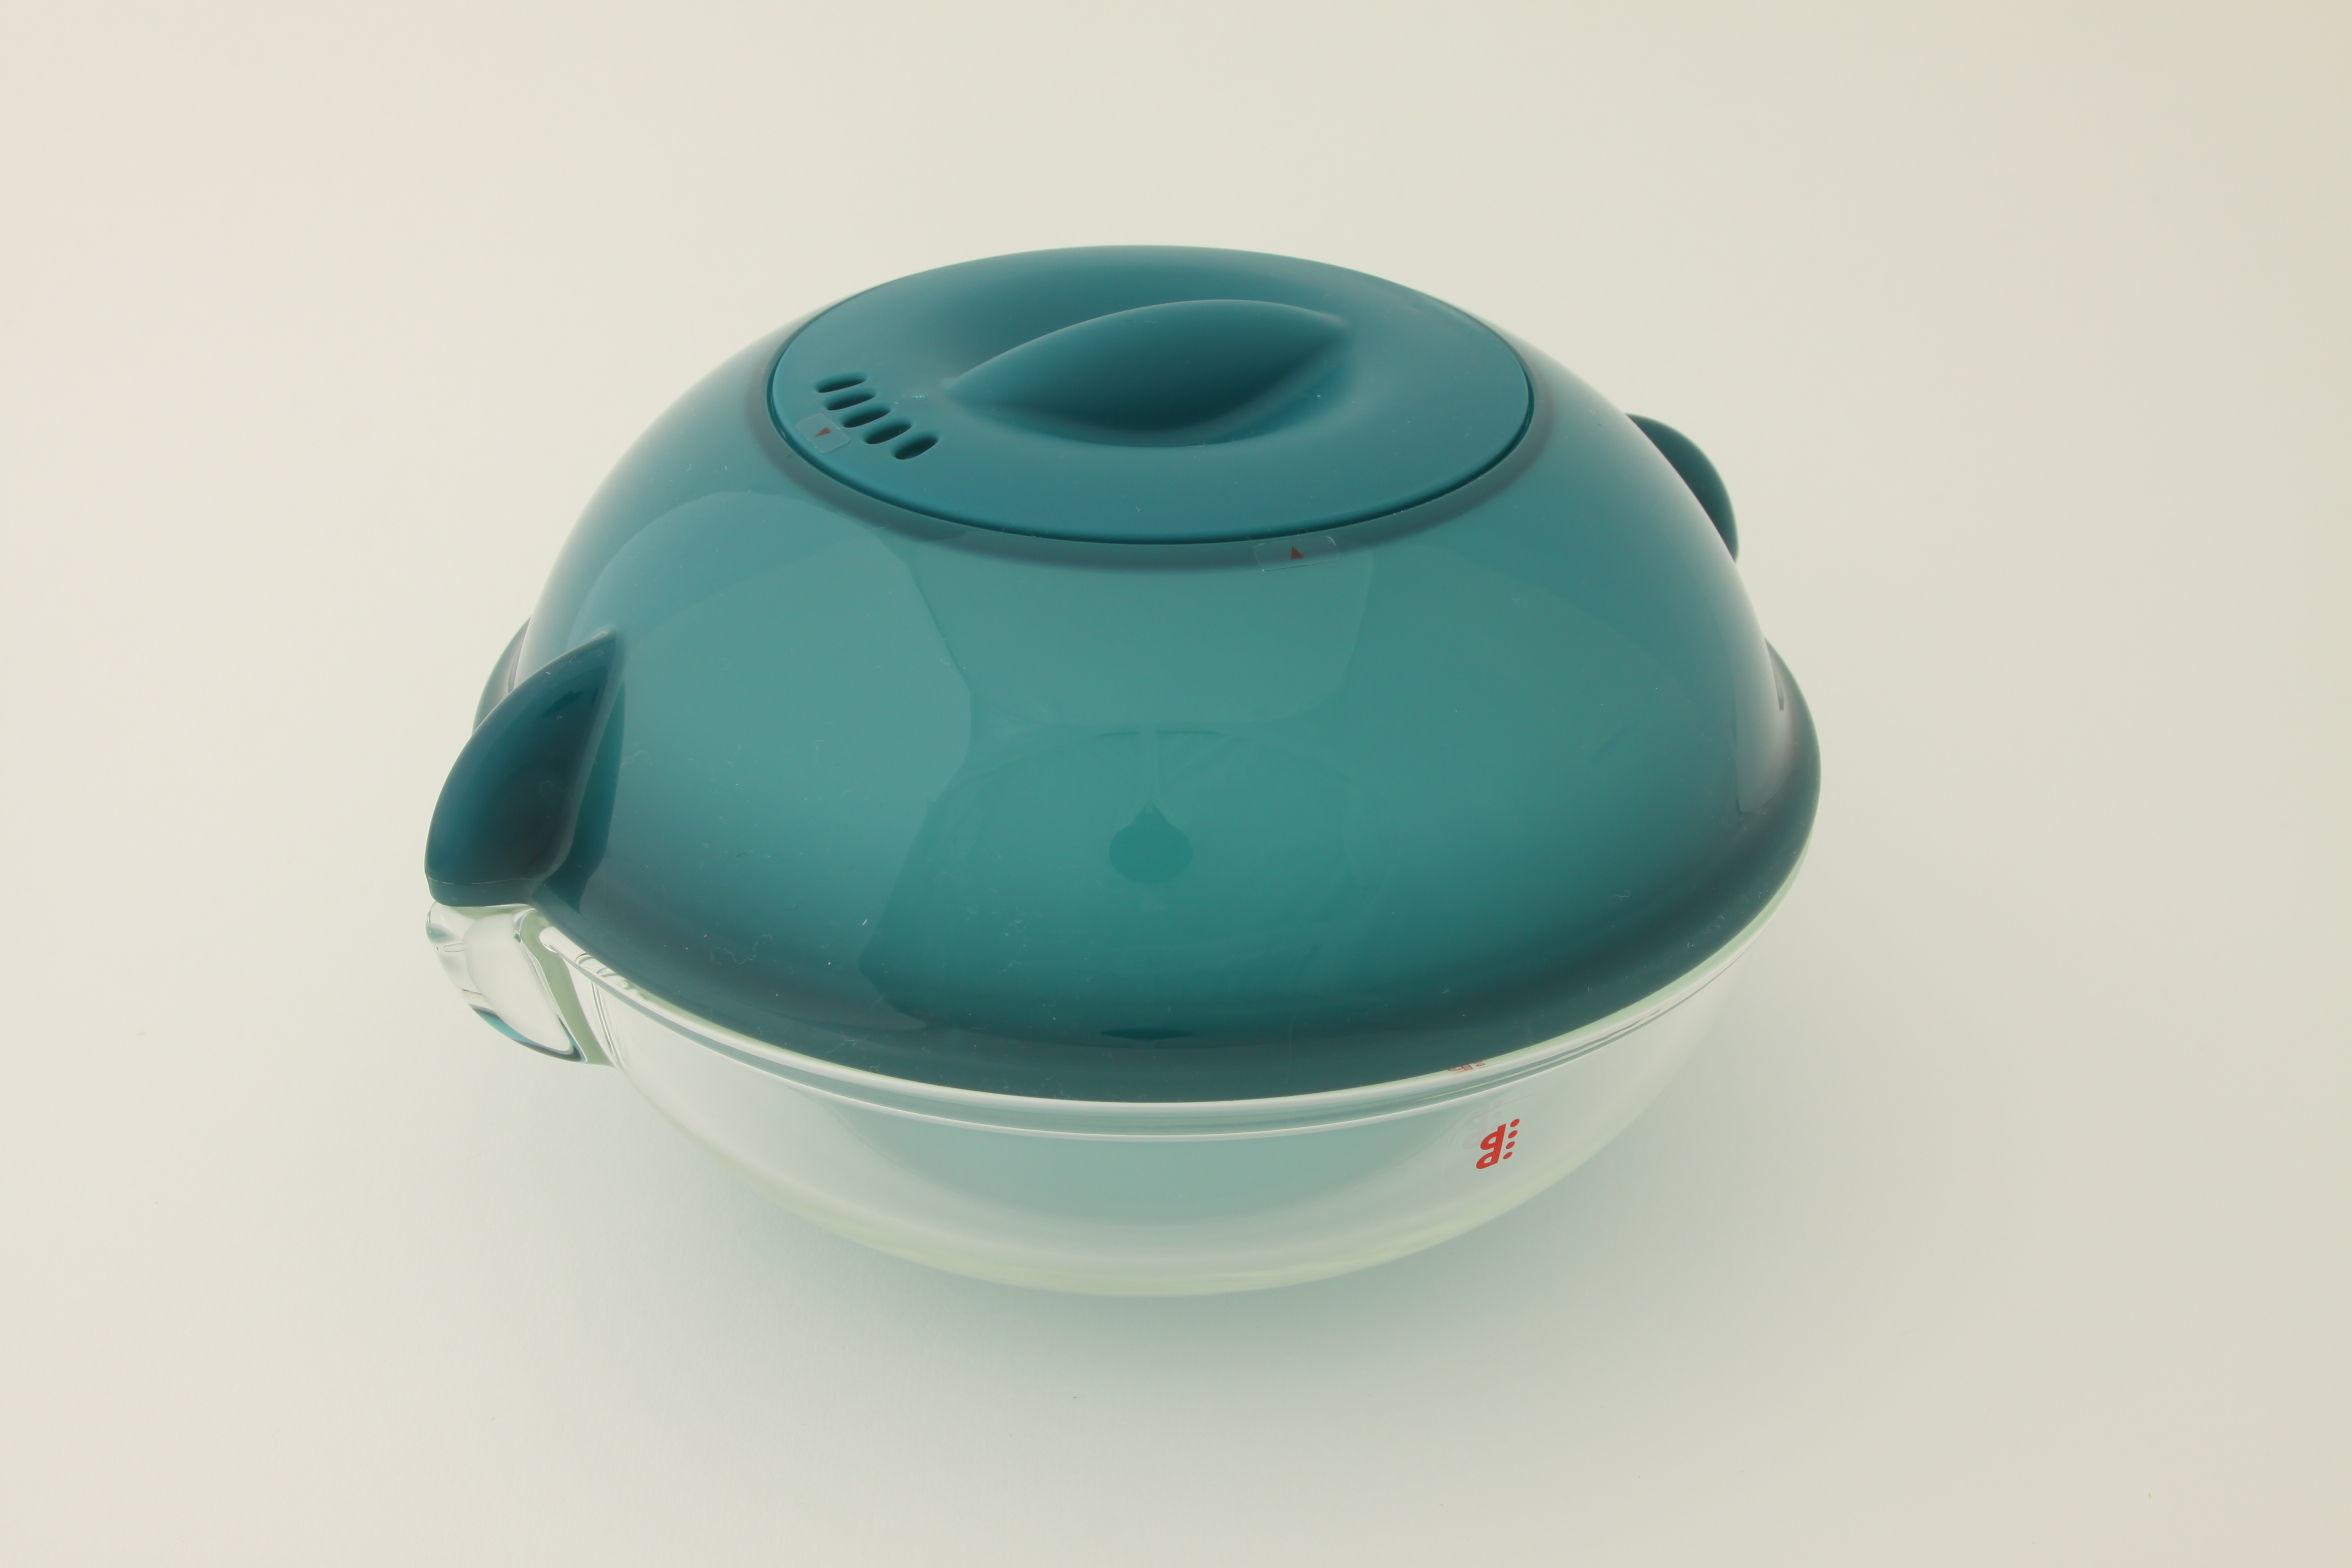 電子レンジ用調理皿ディディ  ブルー